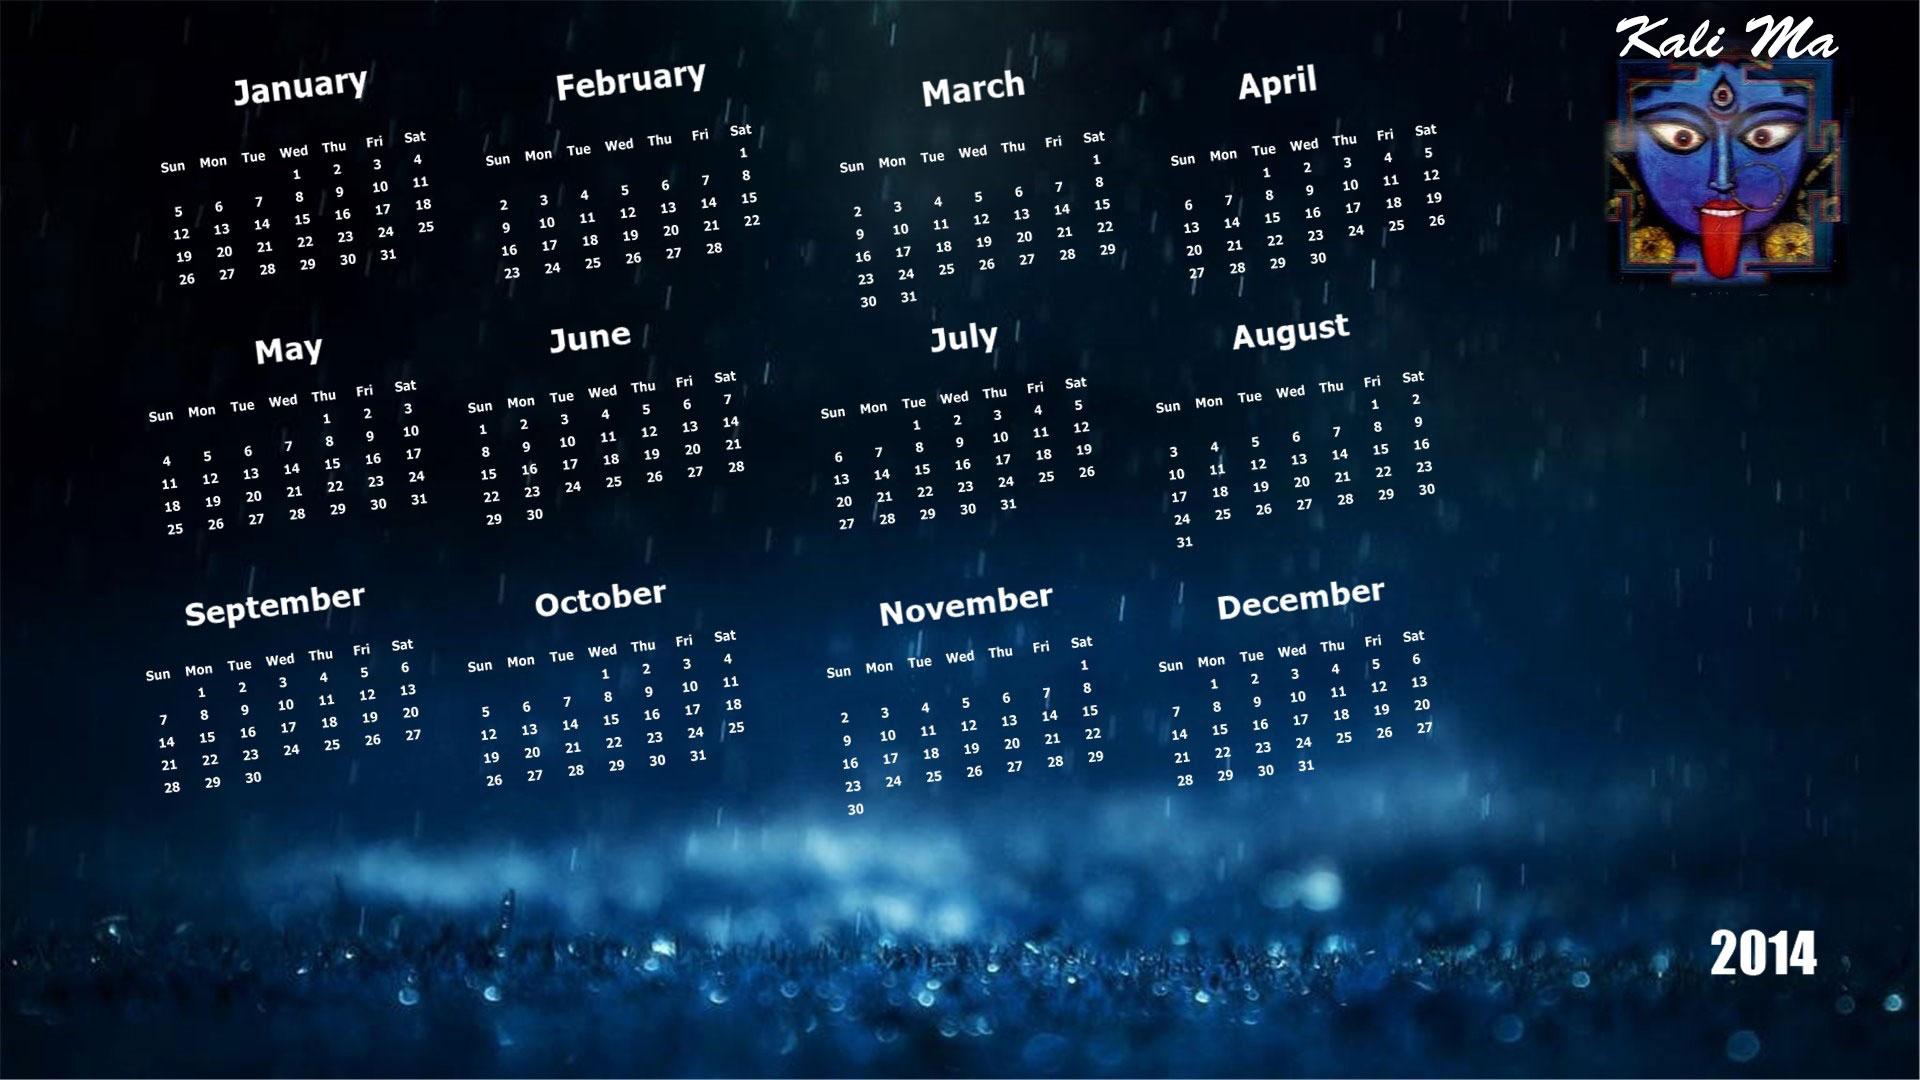 Calendar Hd Wallpaper : Kalender wallpaper hd